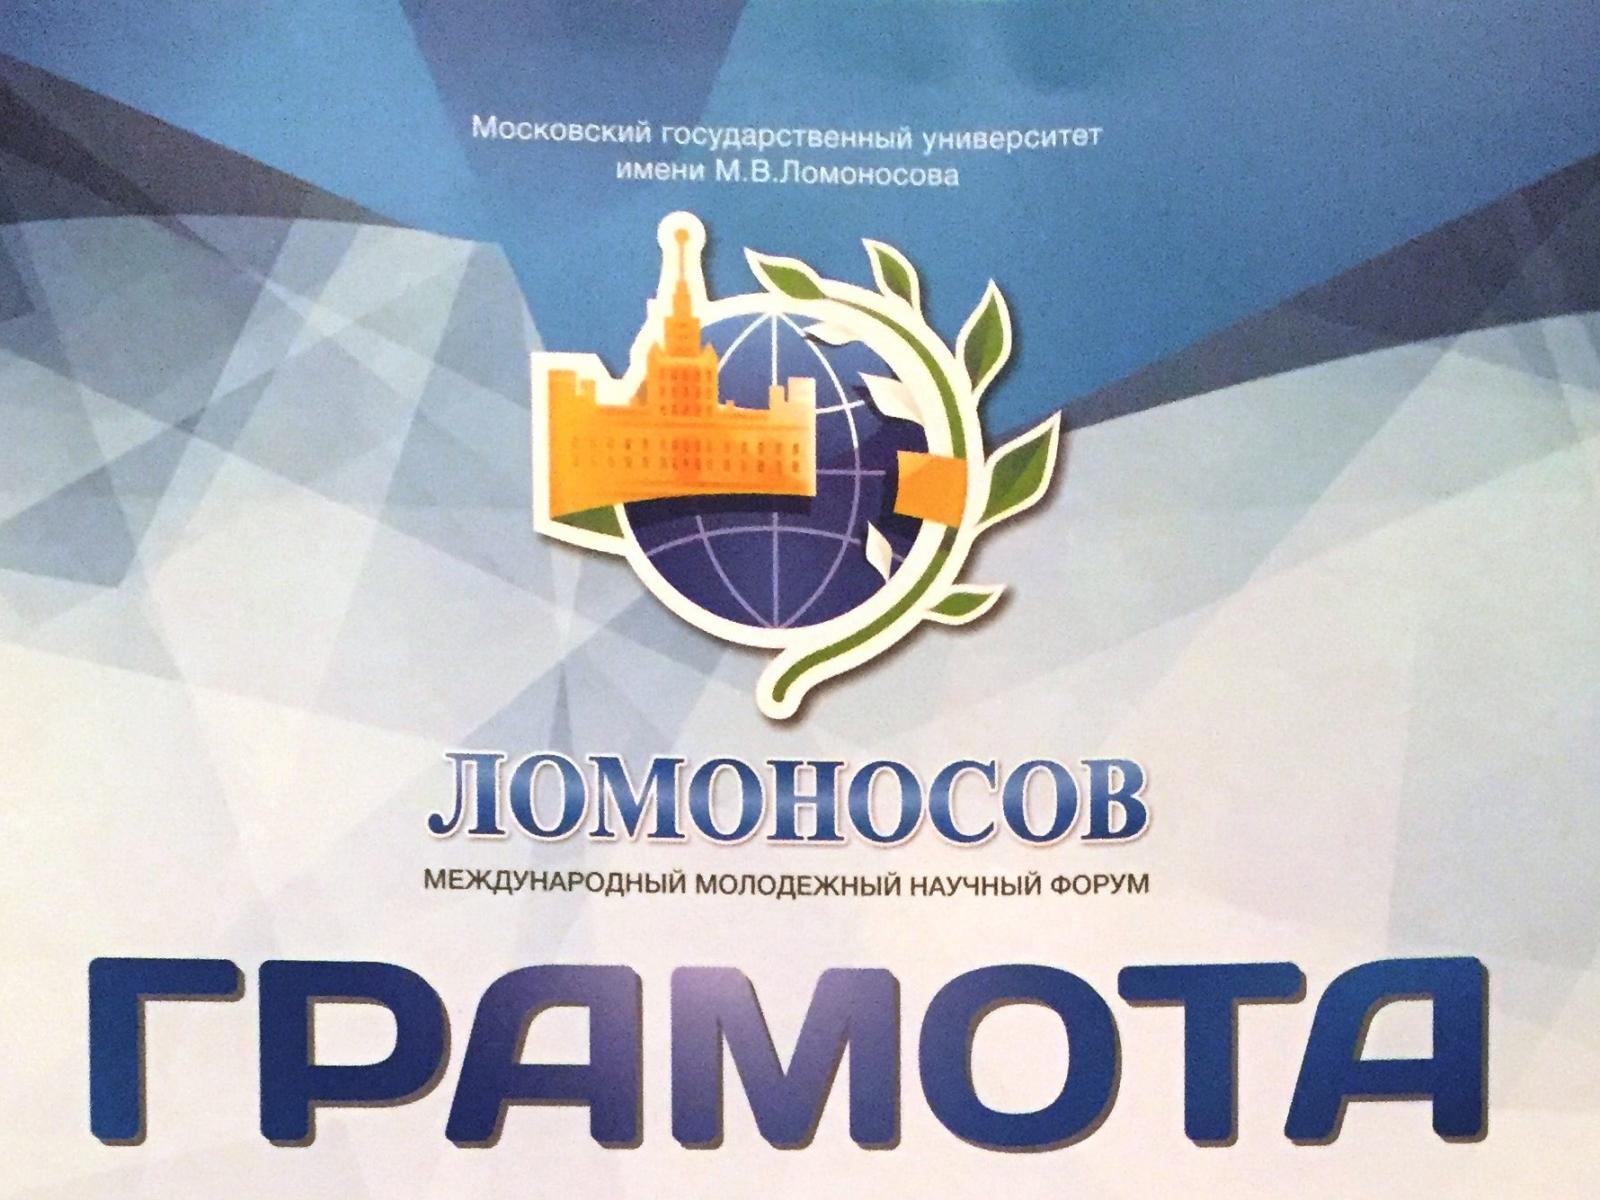 Доклады студенток ИПМЭиТ признаны лучшими на Международной конференции «Ломоносов 2017»